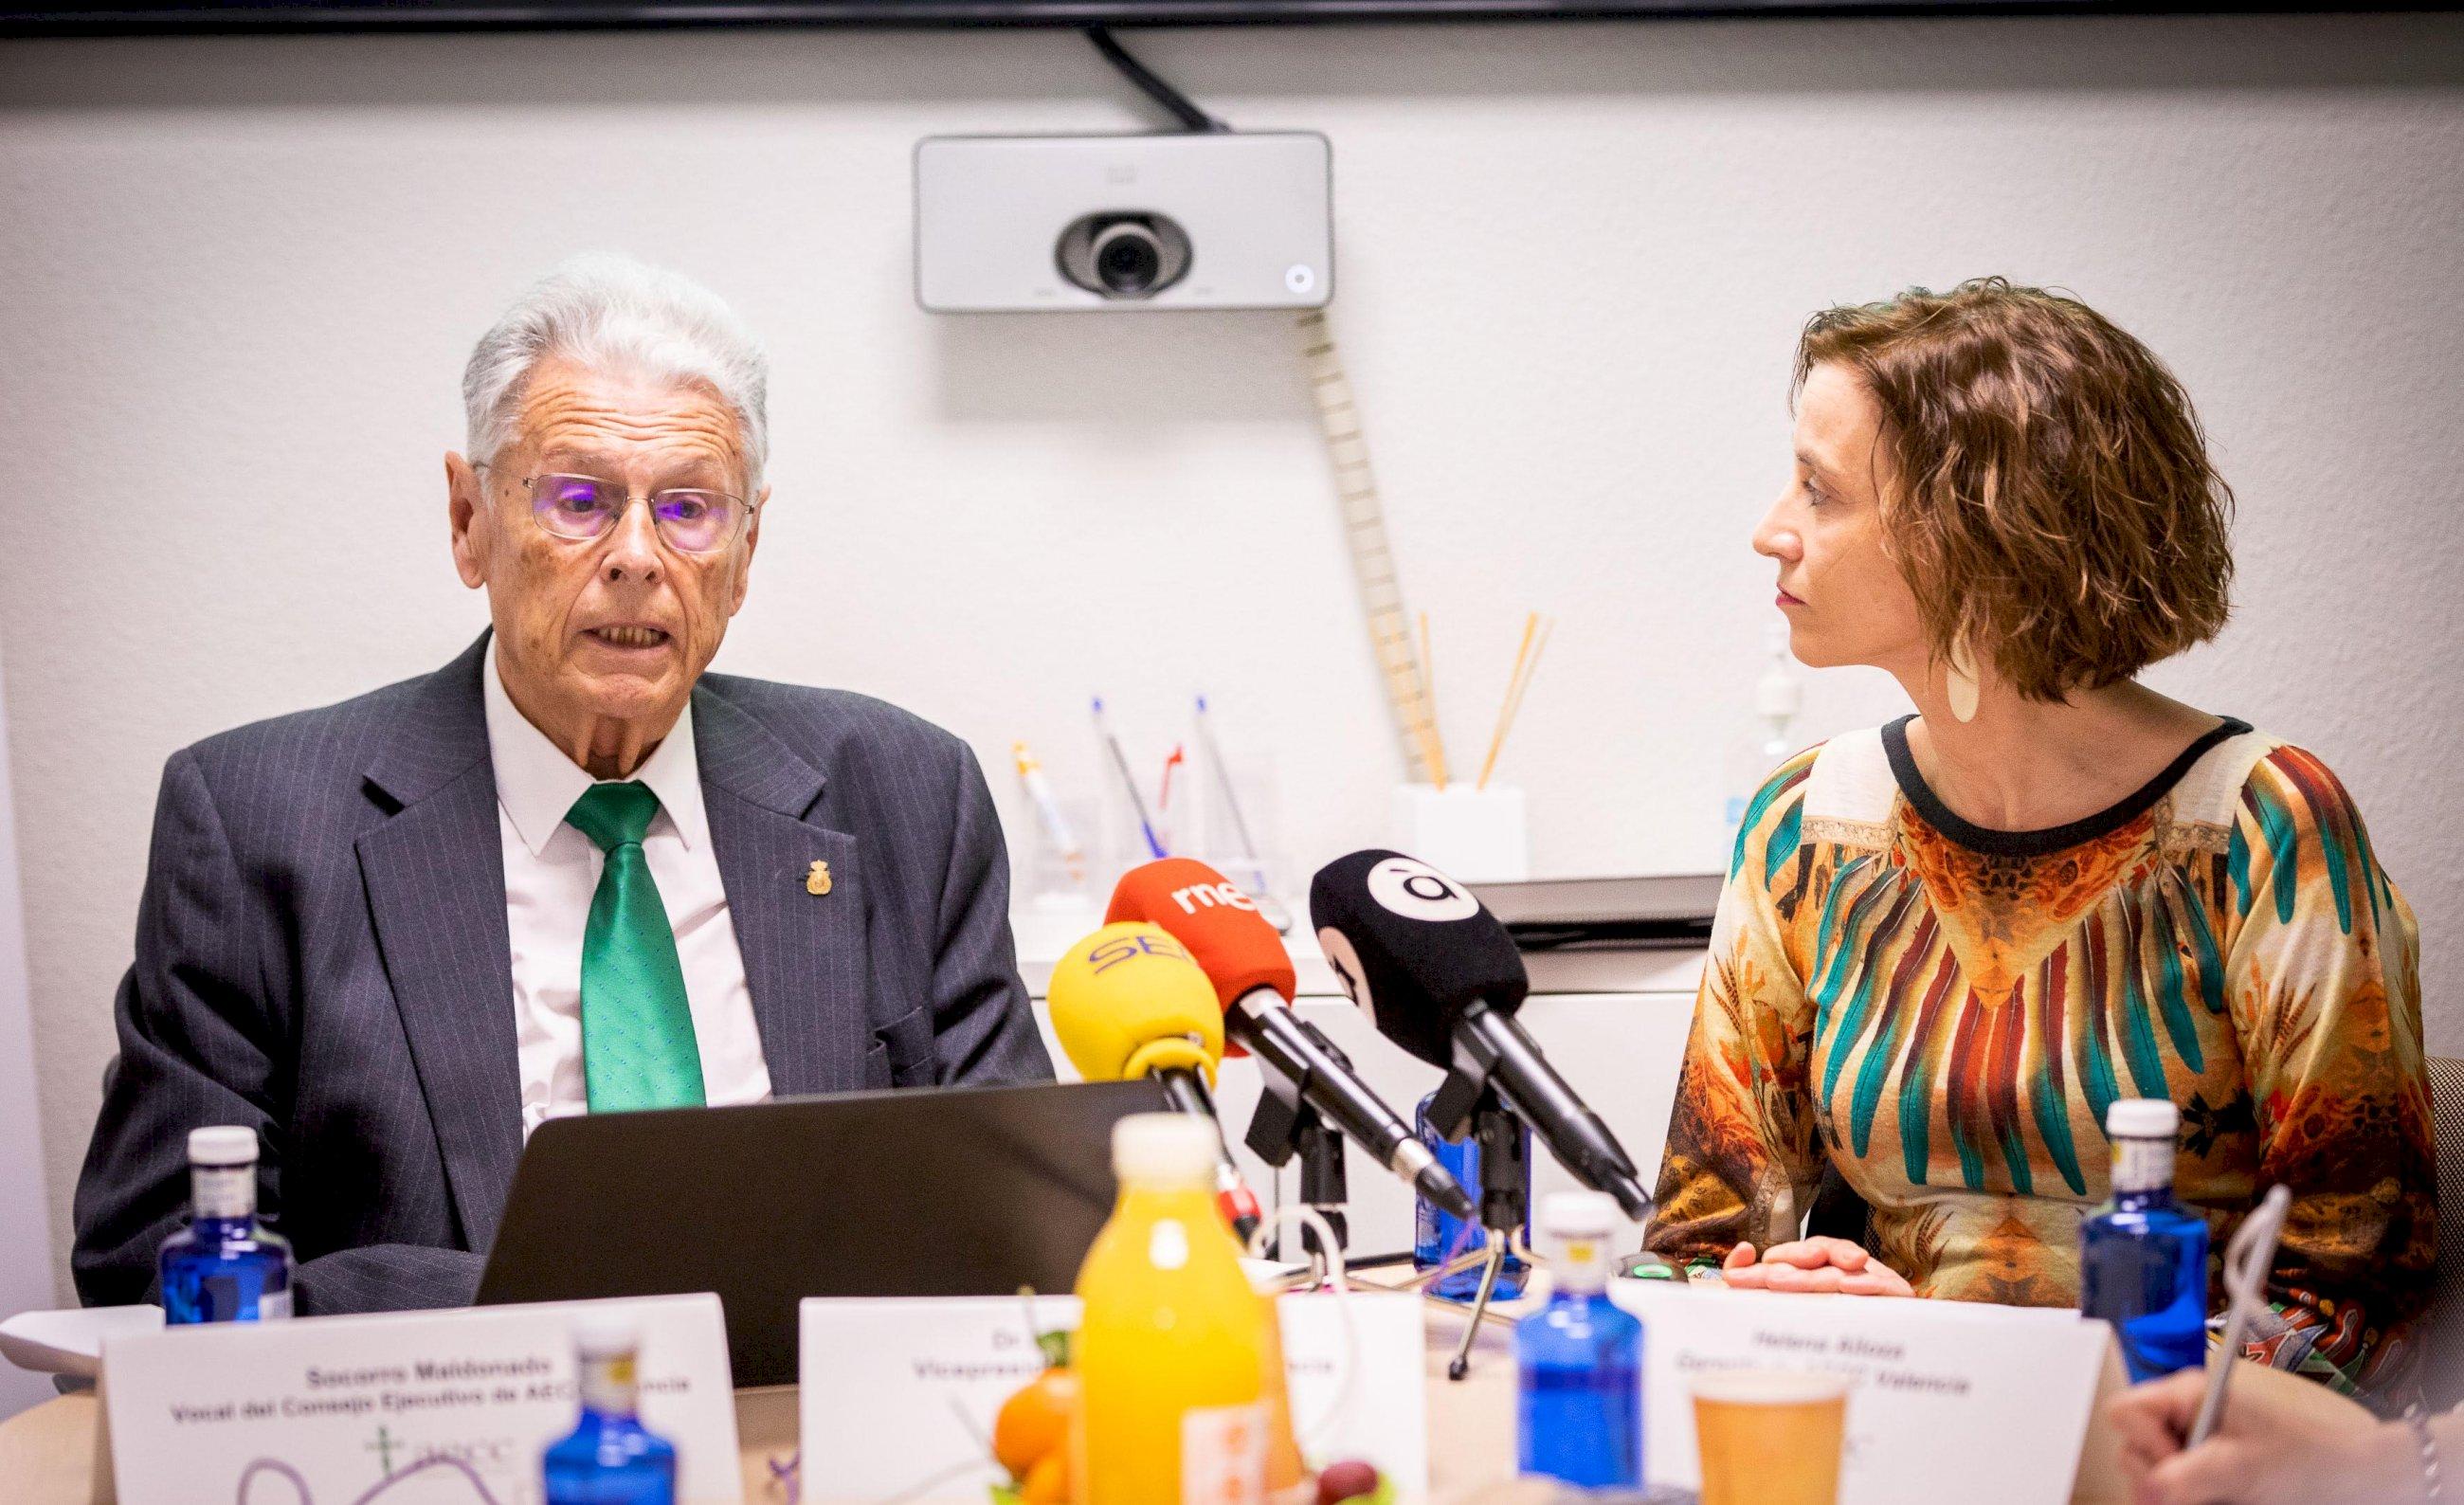 El dr. Antonio Llombart, vicepresidente de AECC, y Helena Alloza, gerente de la entidad